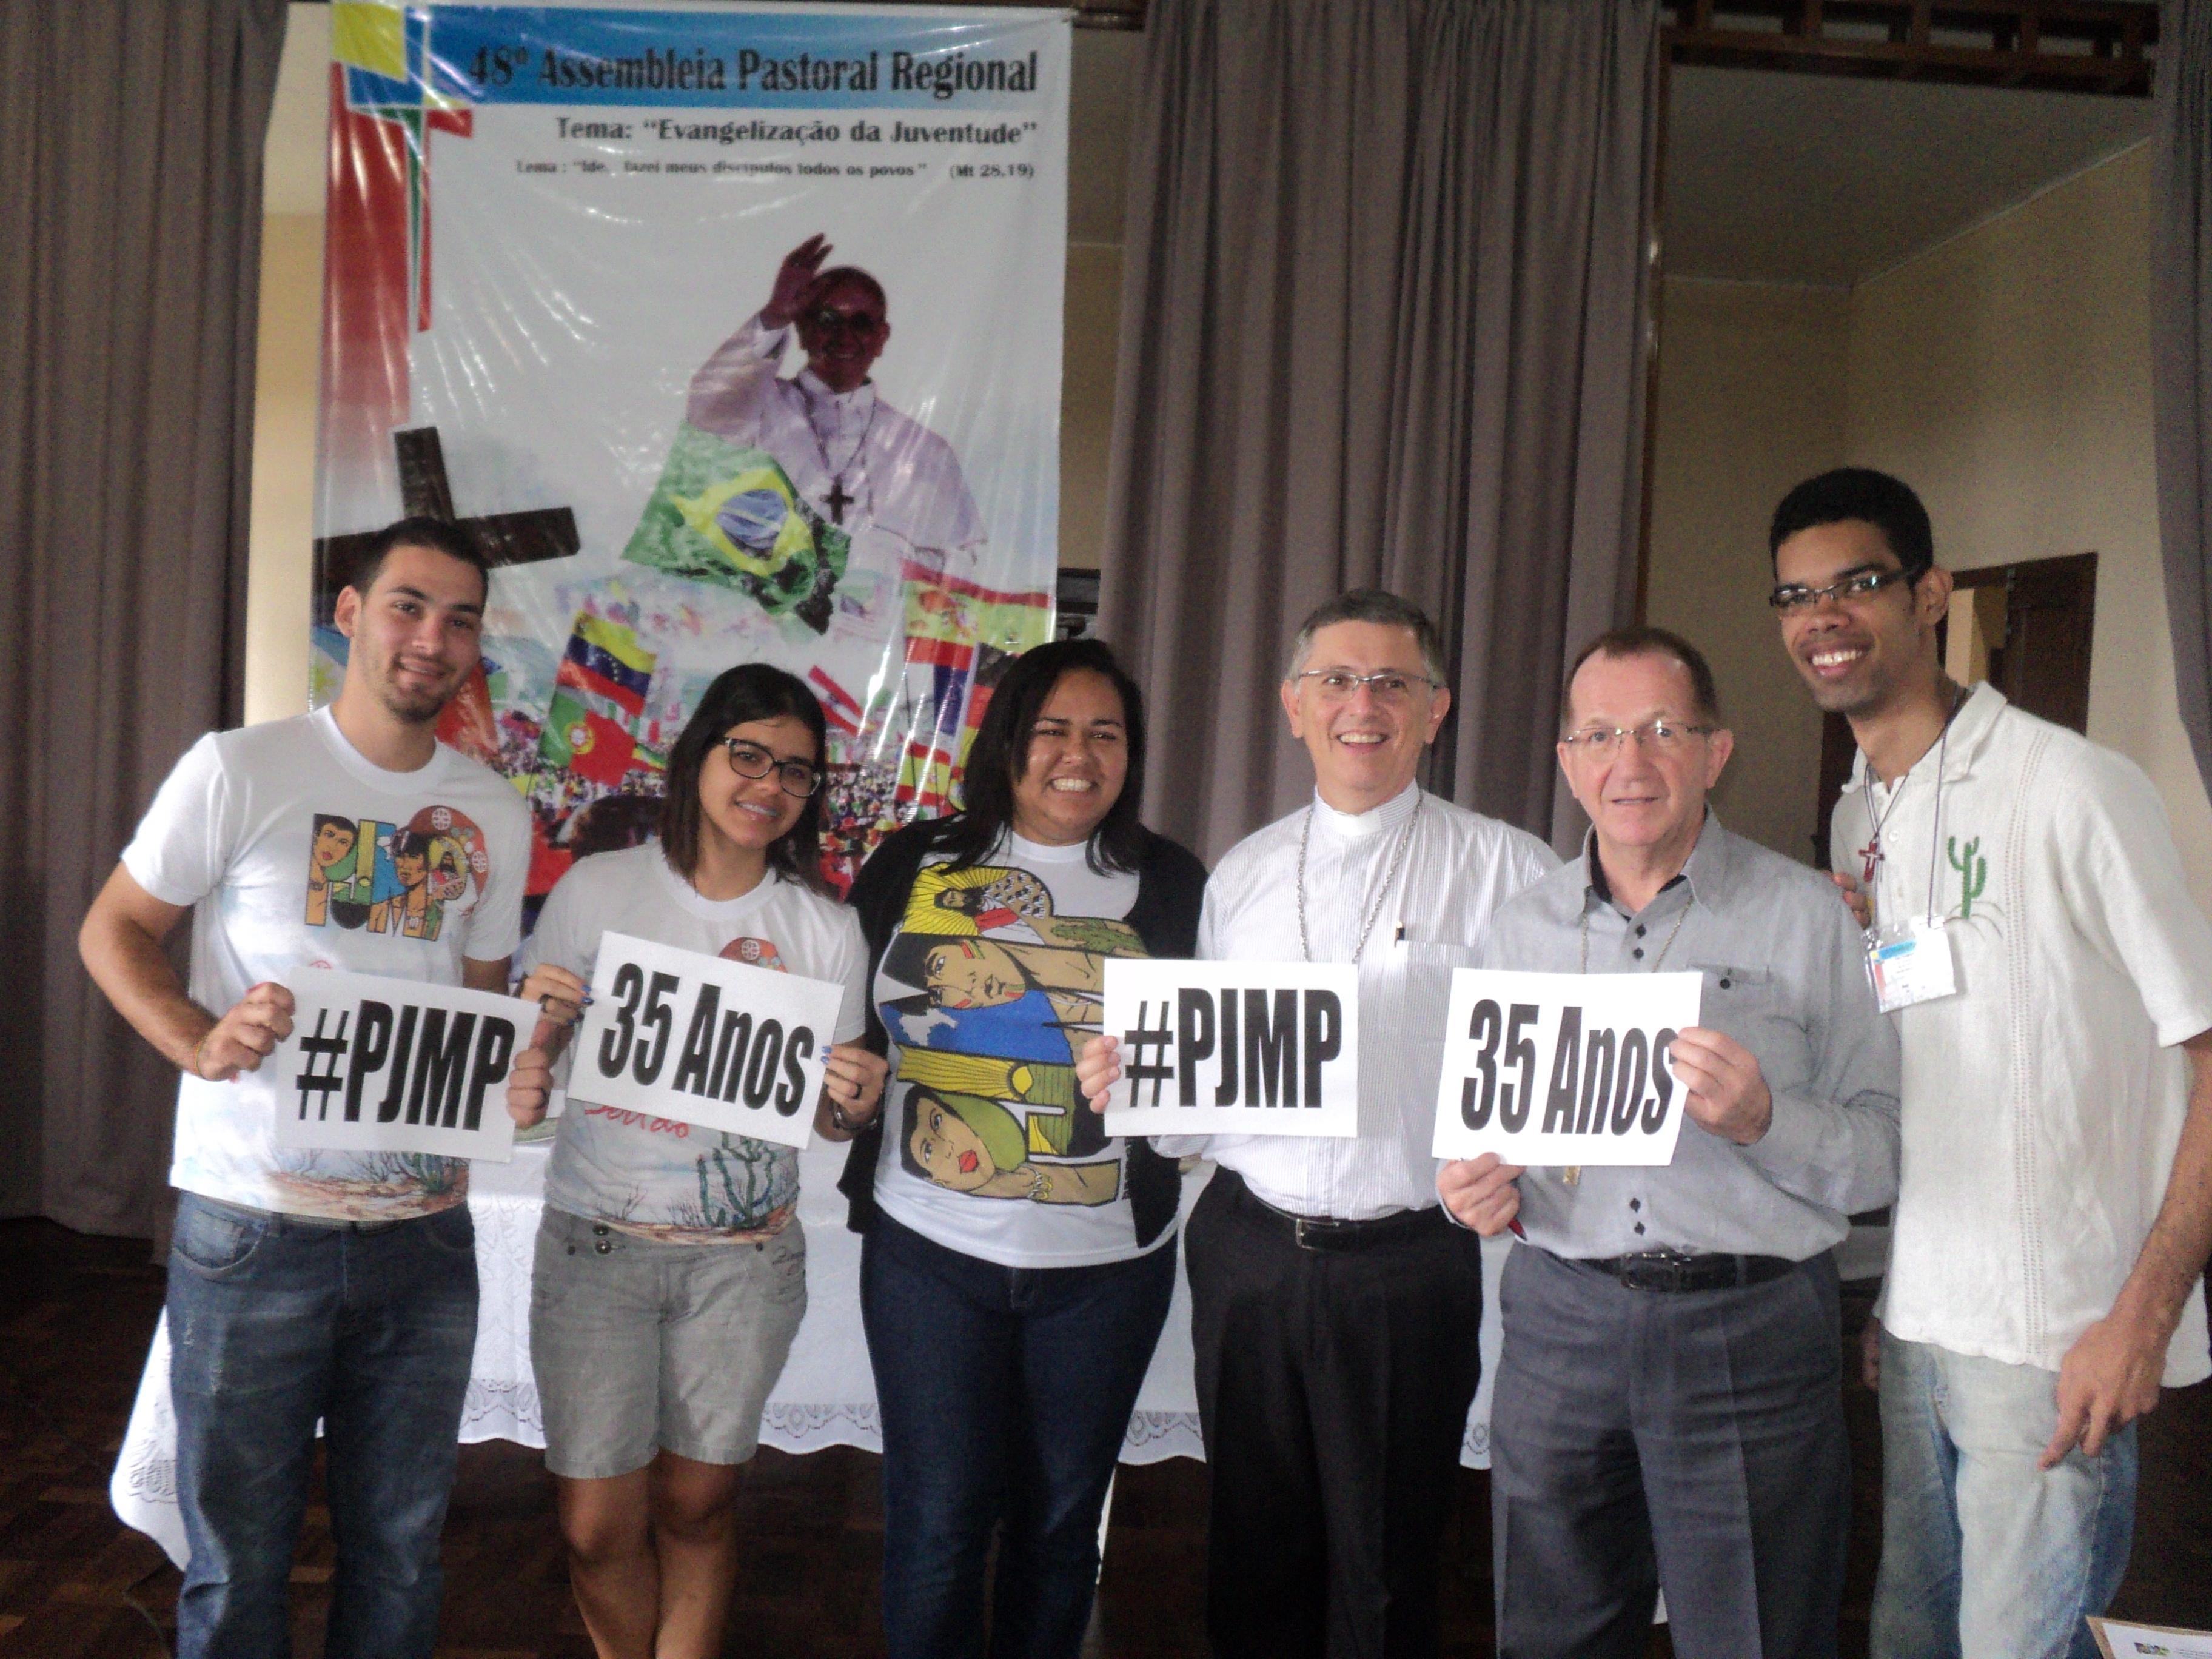 Bispos referenciais de juventude recebem convite para Congresso Nacional da PJMP